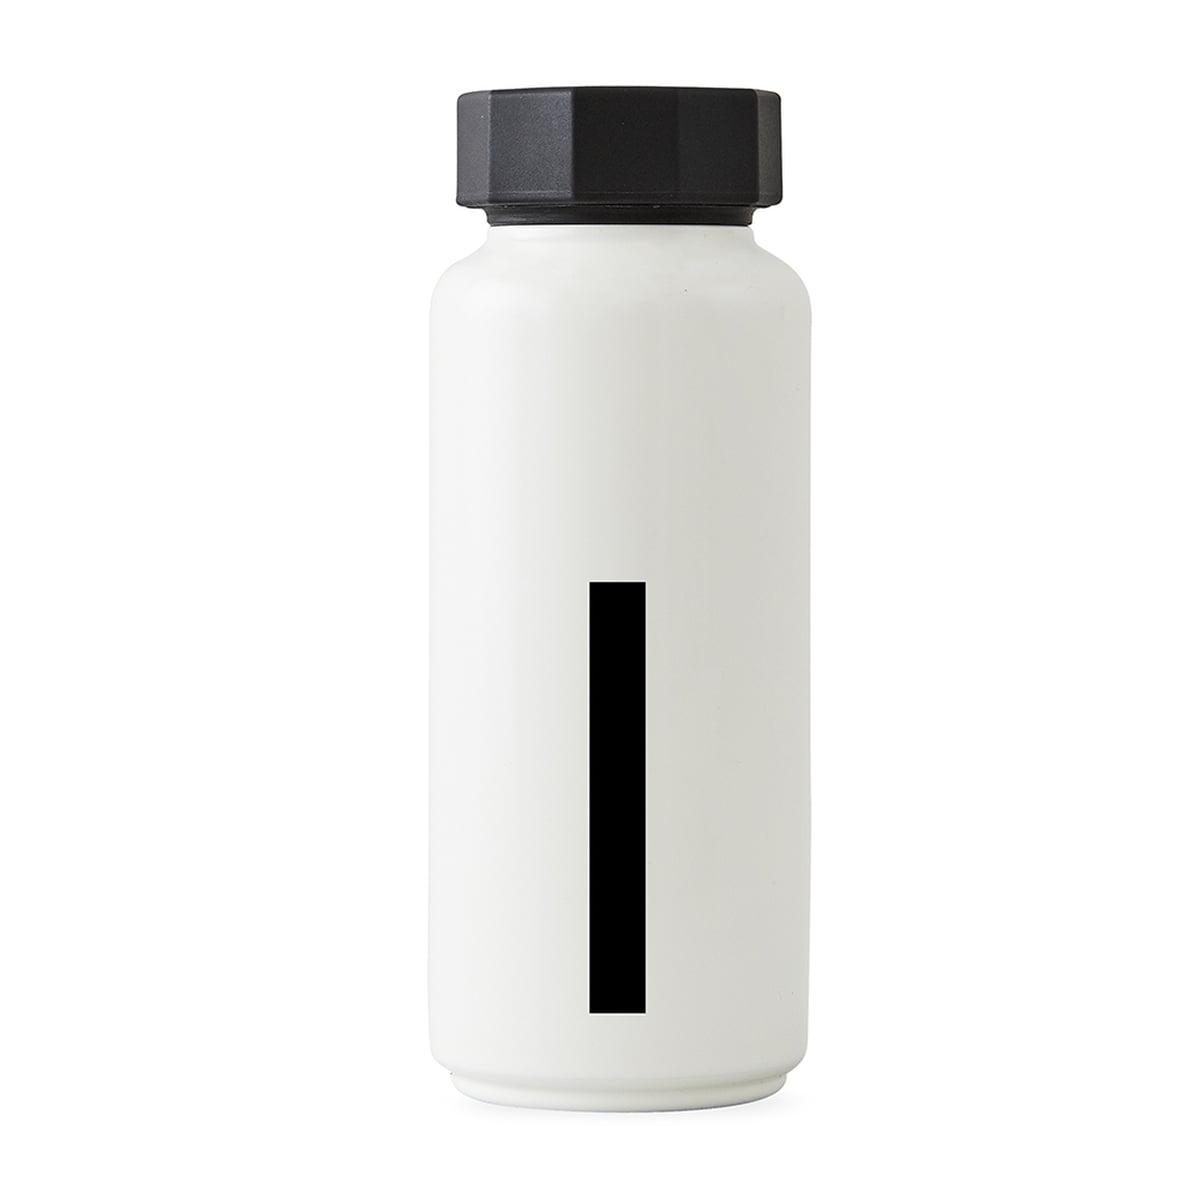 Design Letters - AJ Thermosflasche I, weiß | Küche und Esszimmer > Besteck und Geschirr > Kannen und Wasserkessel | Weiß | Edelstahl -  polypropylen | Design Letters